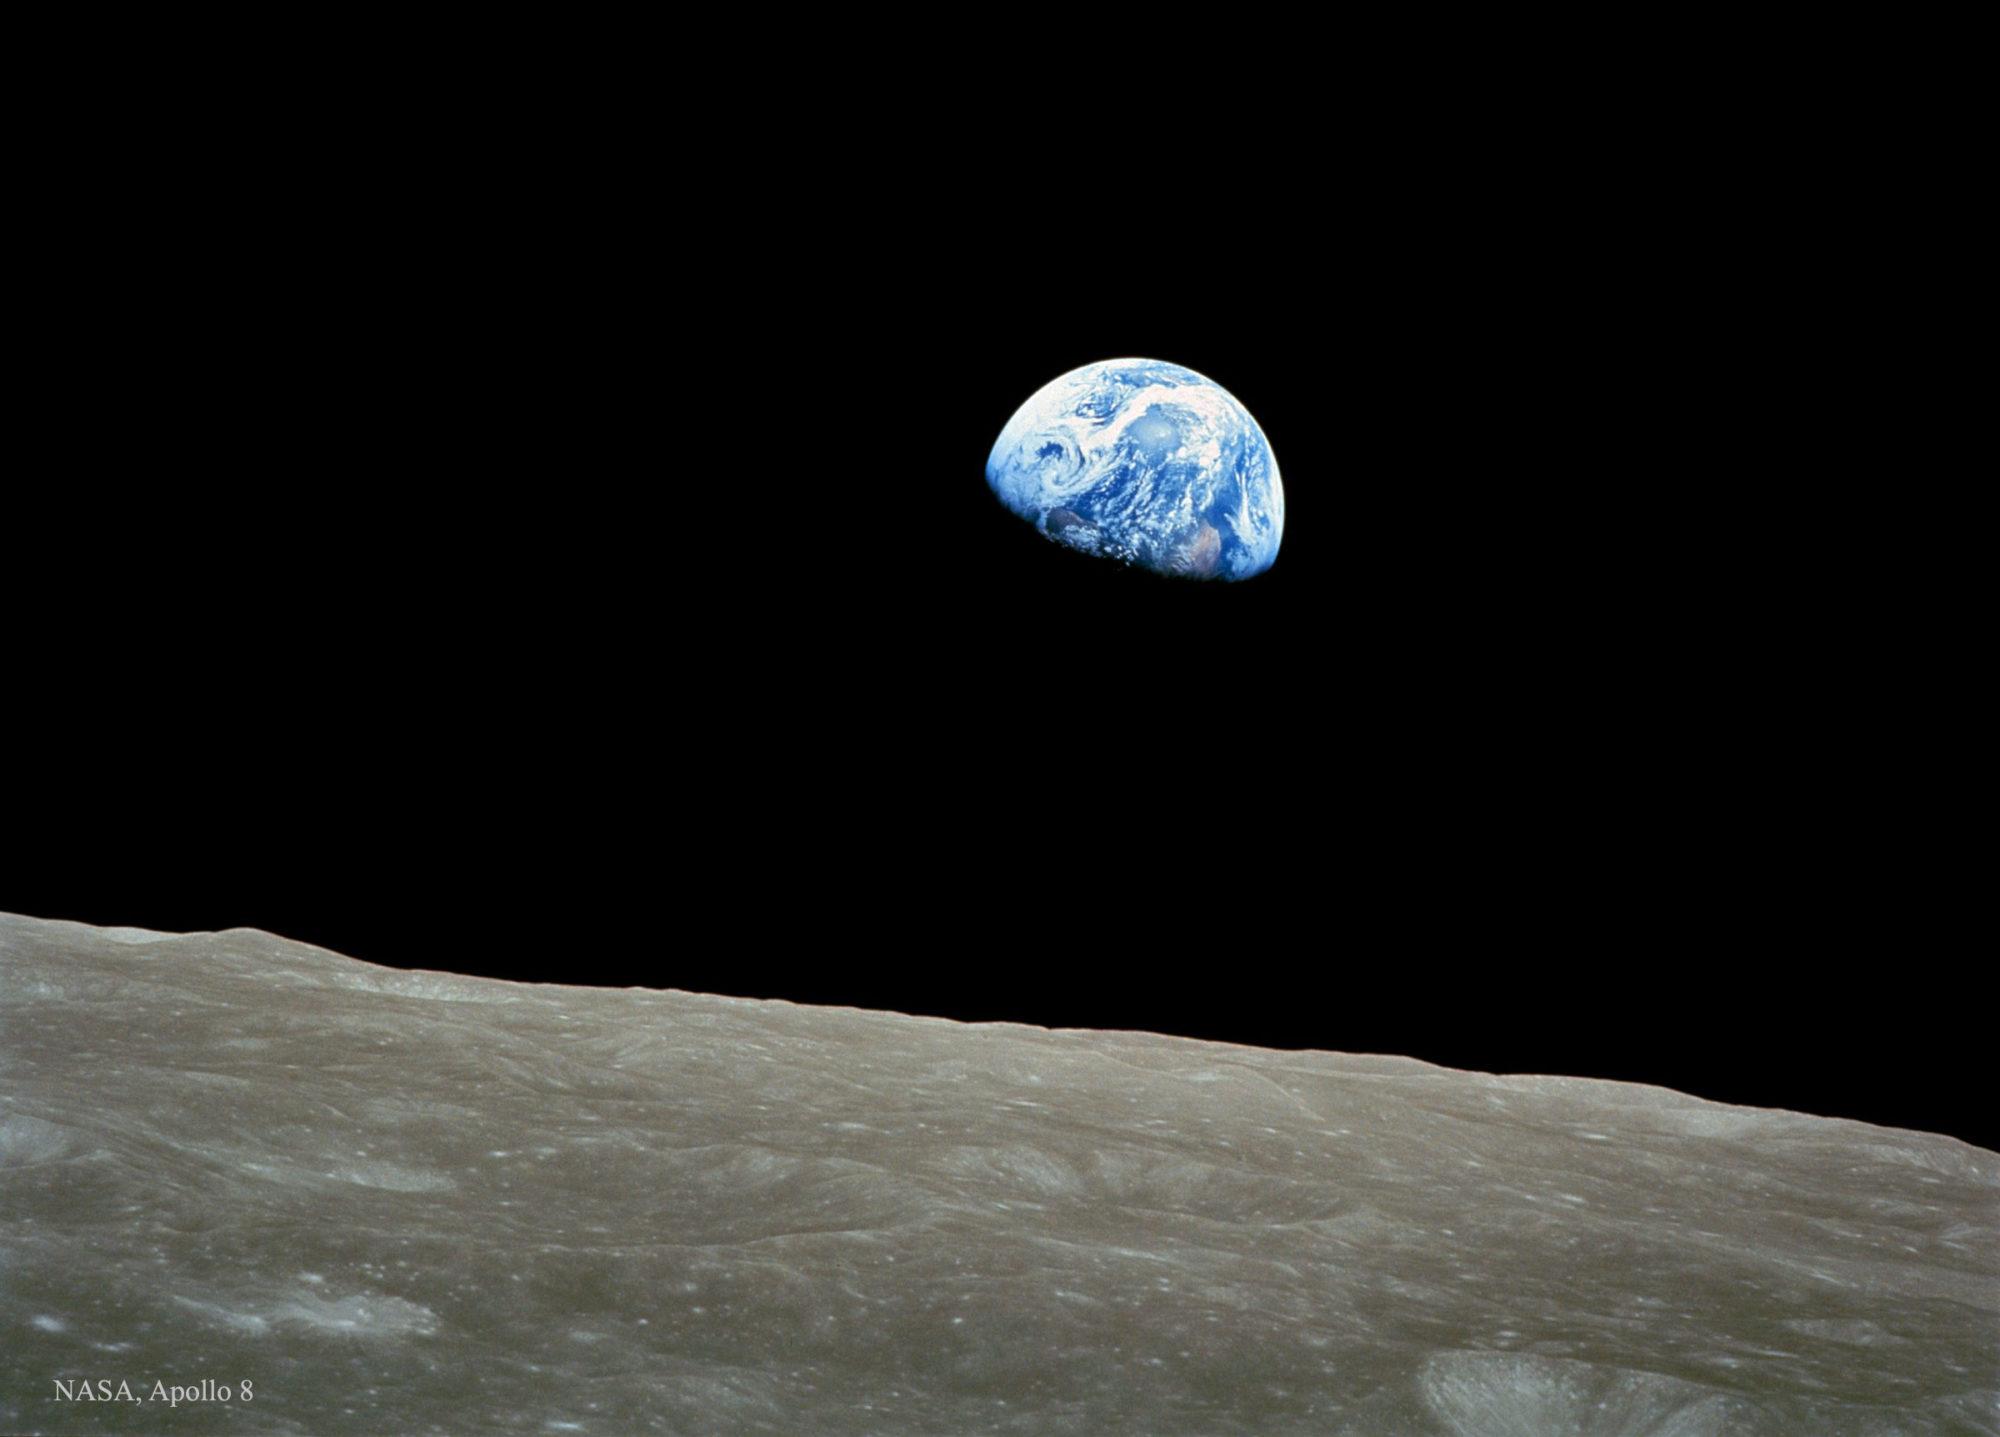 Журнал Time опублікував «найвпливовіші» світлини всіх часів - фото - 28 foto5 2000x1437